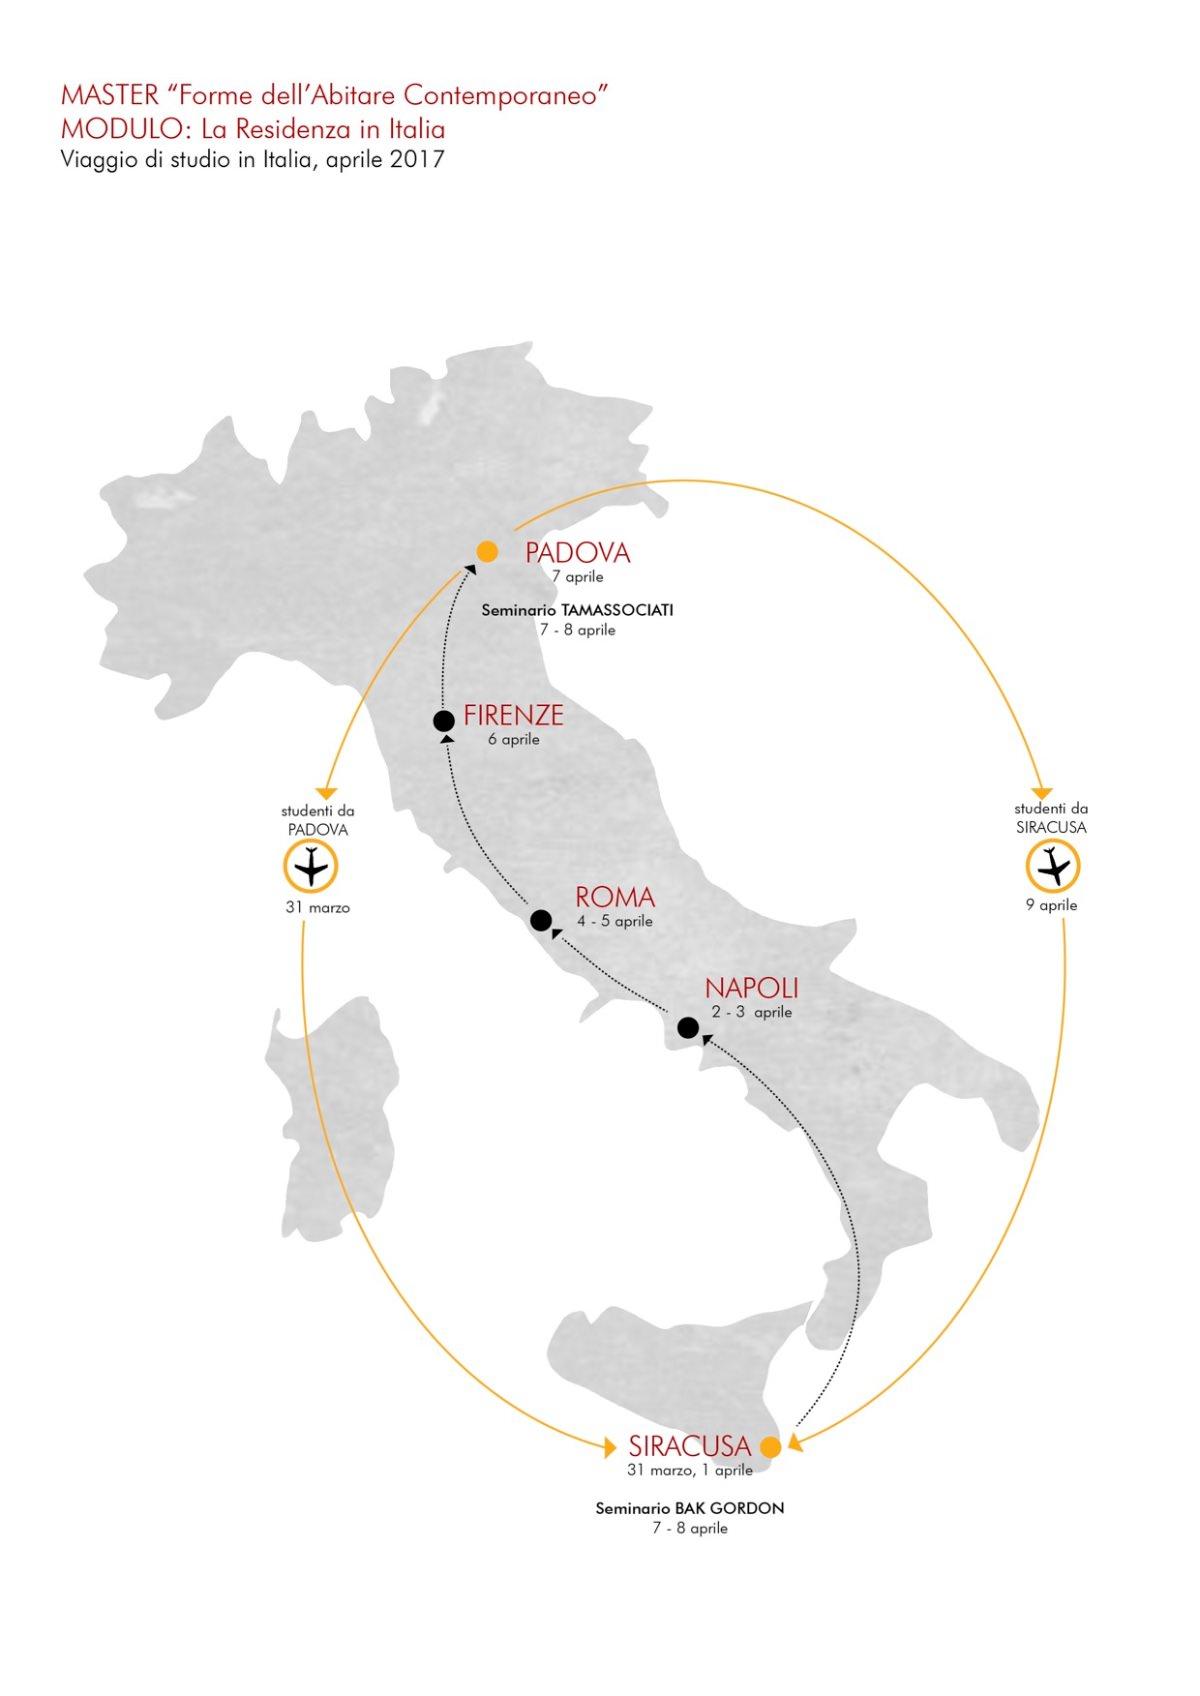 viaggio_studio_italia 2017